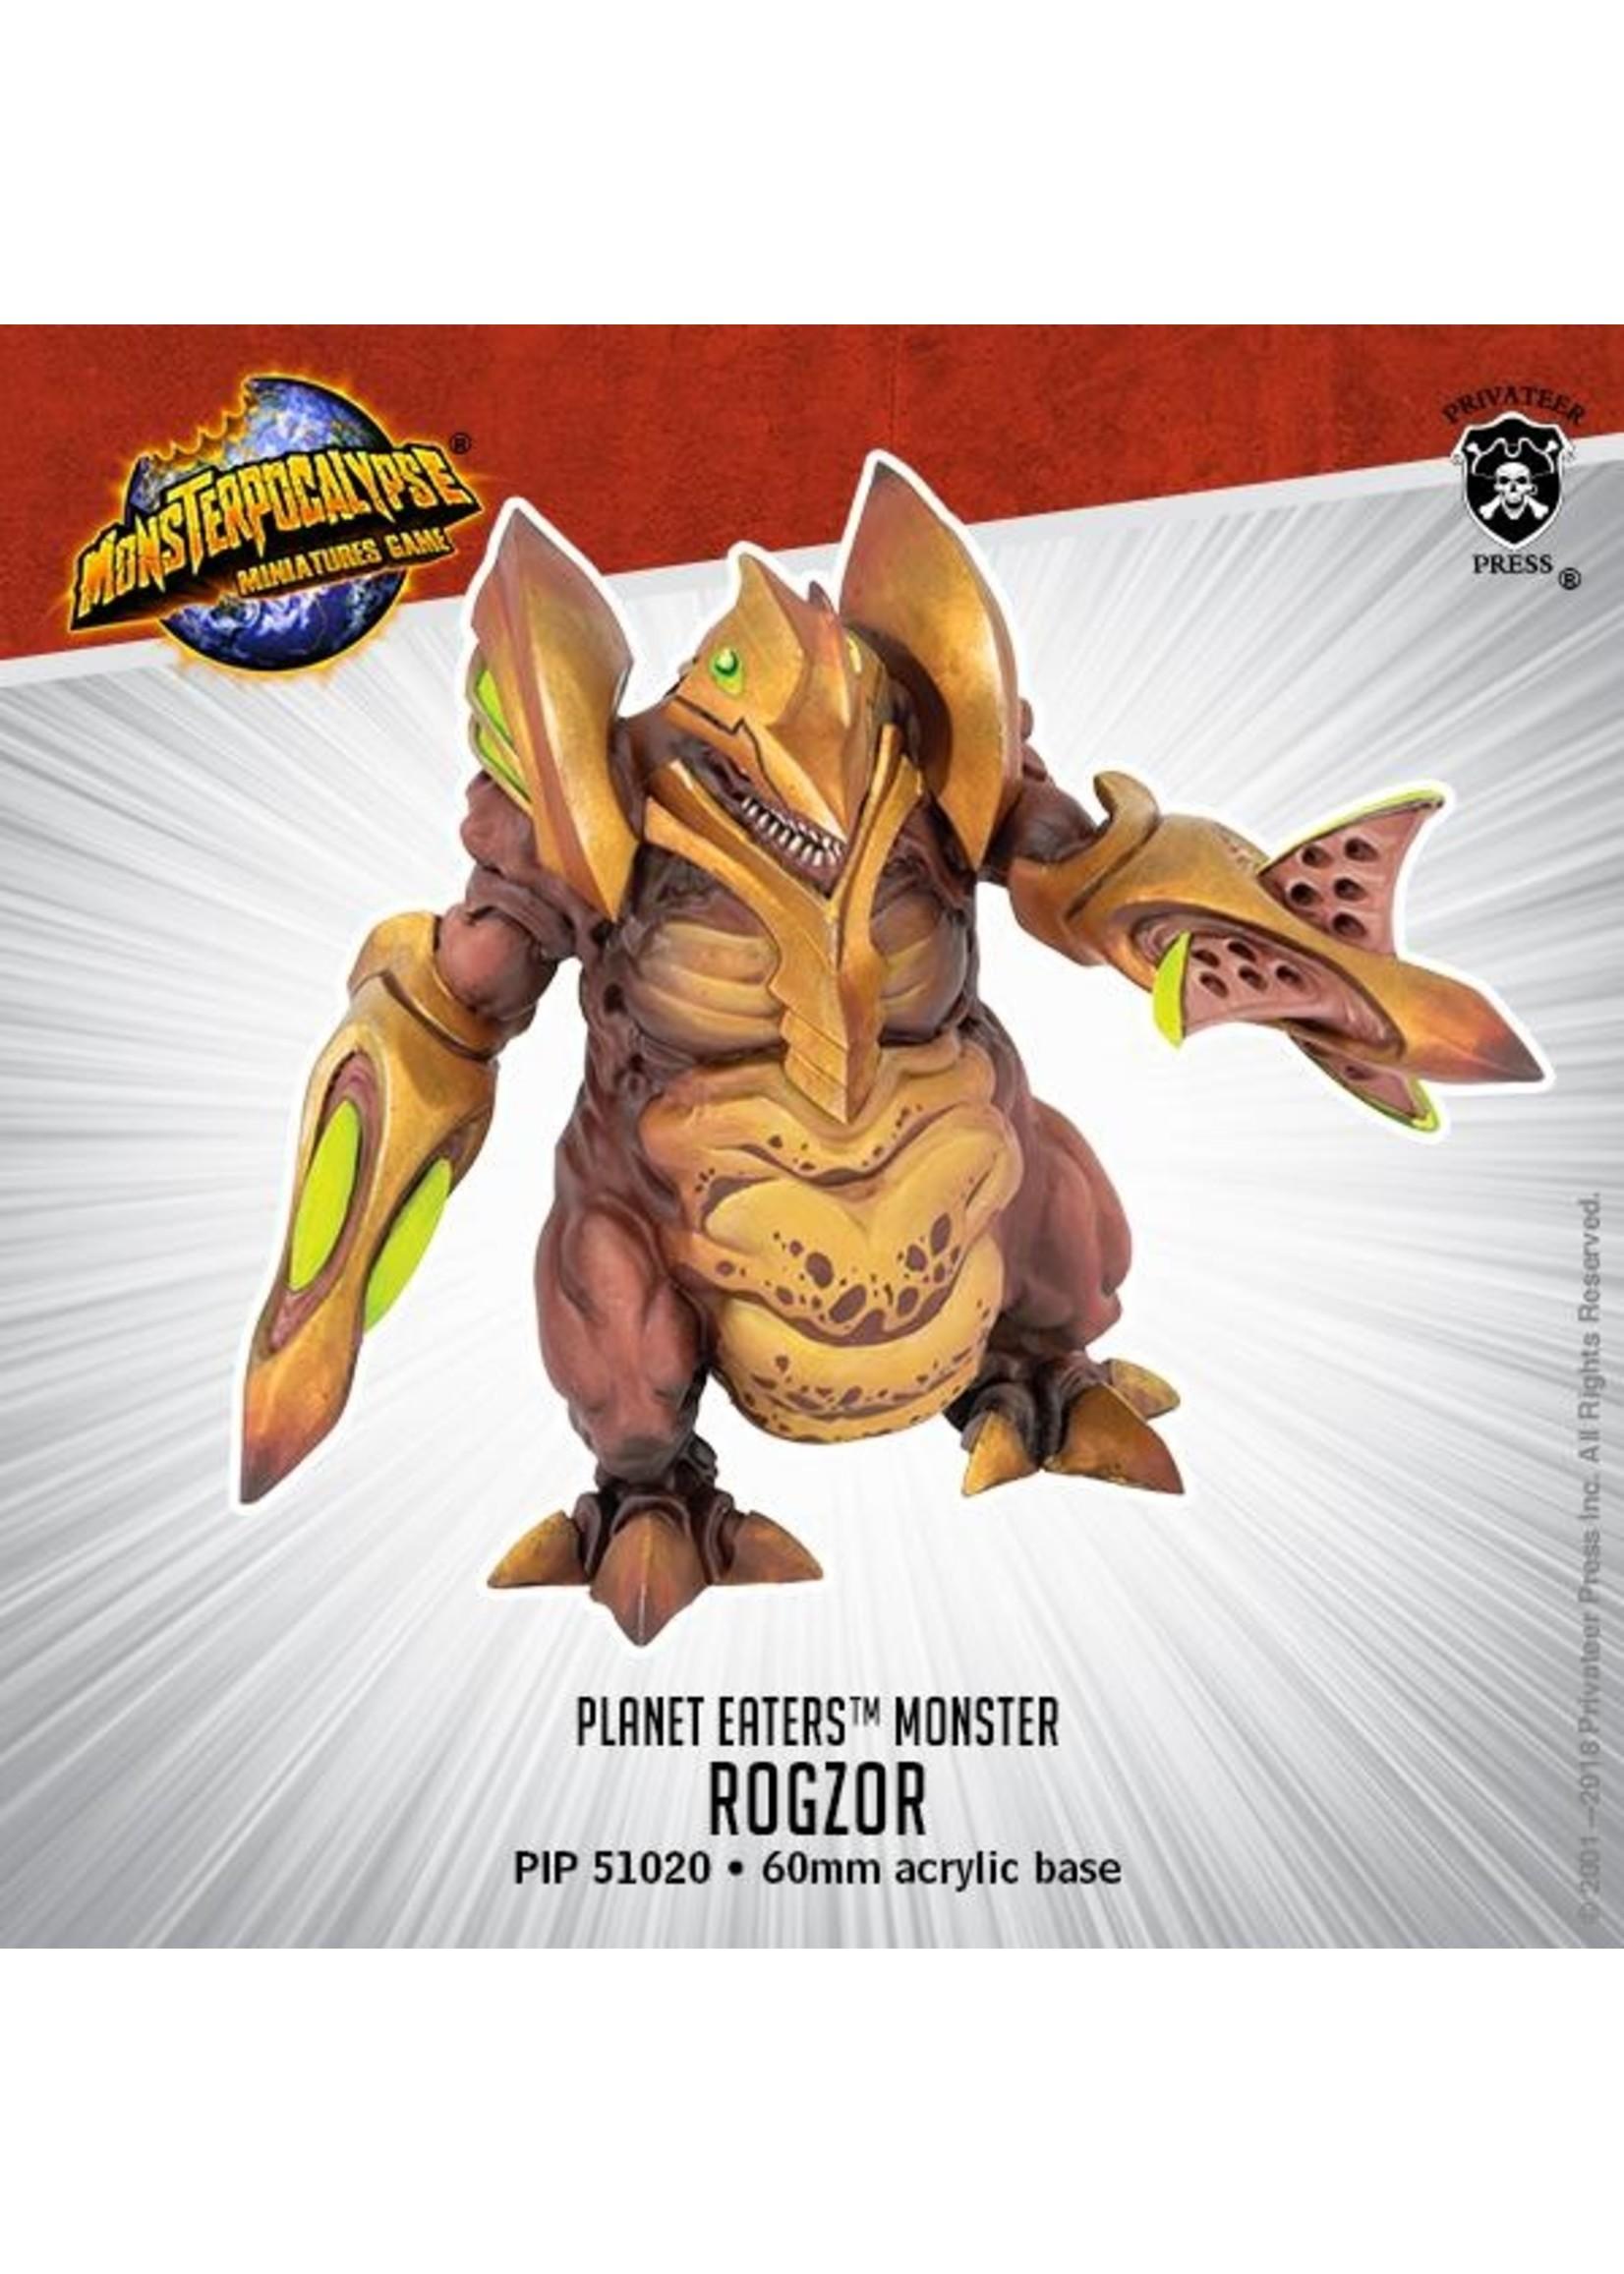 Monsterpocalypse: Planet Eaters Rogzor Monster (Resin)